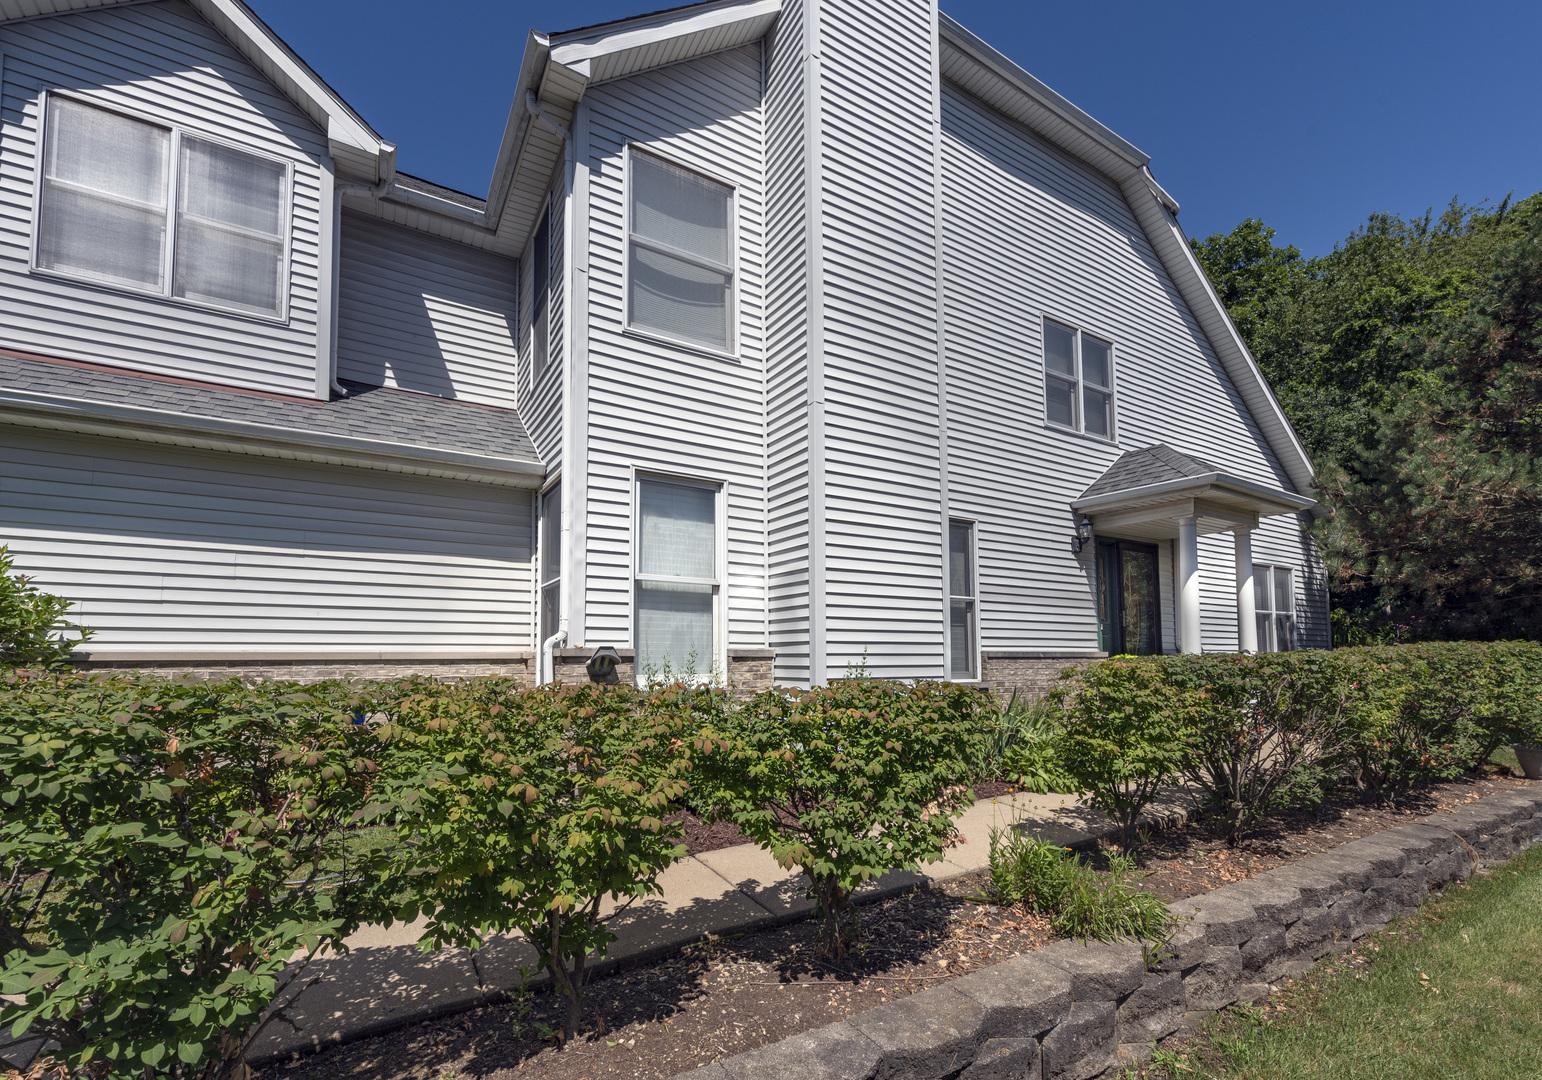 2010 Thornwood, ST. CHARLES, Illinois, 60174